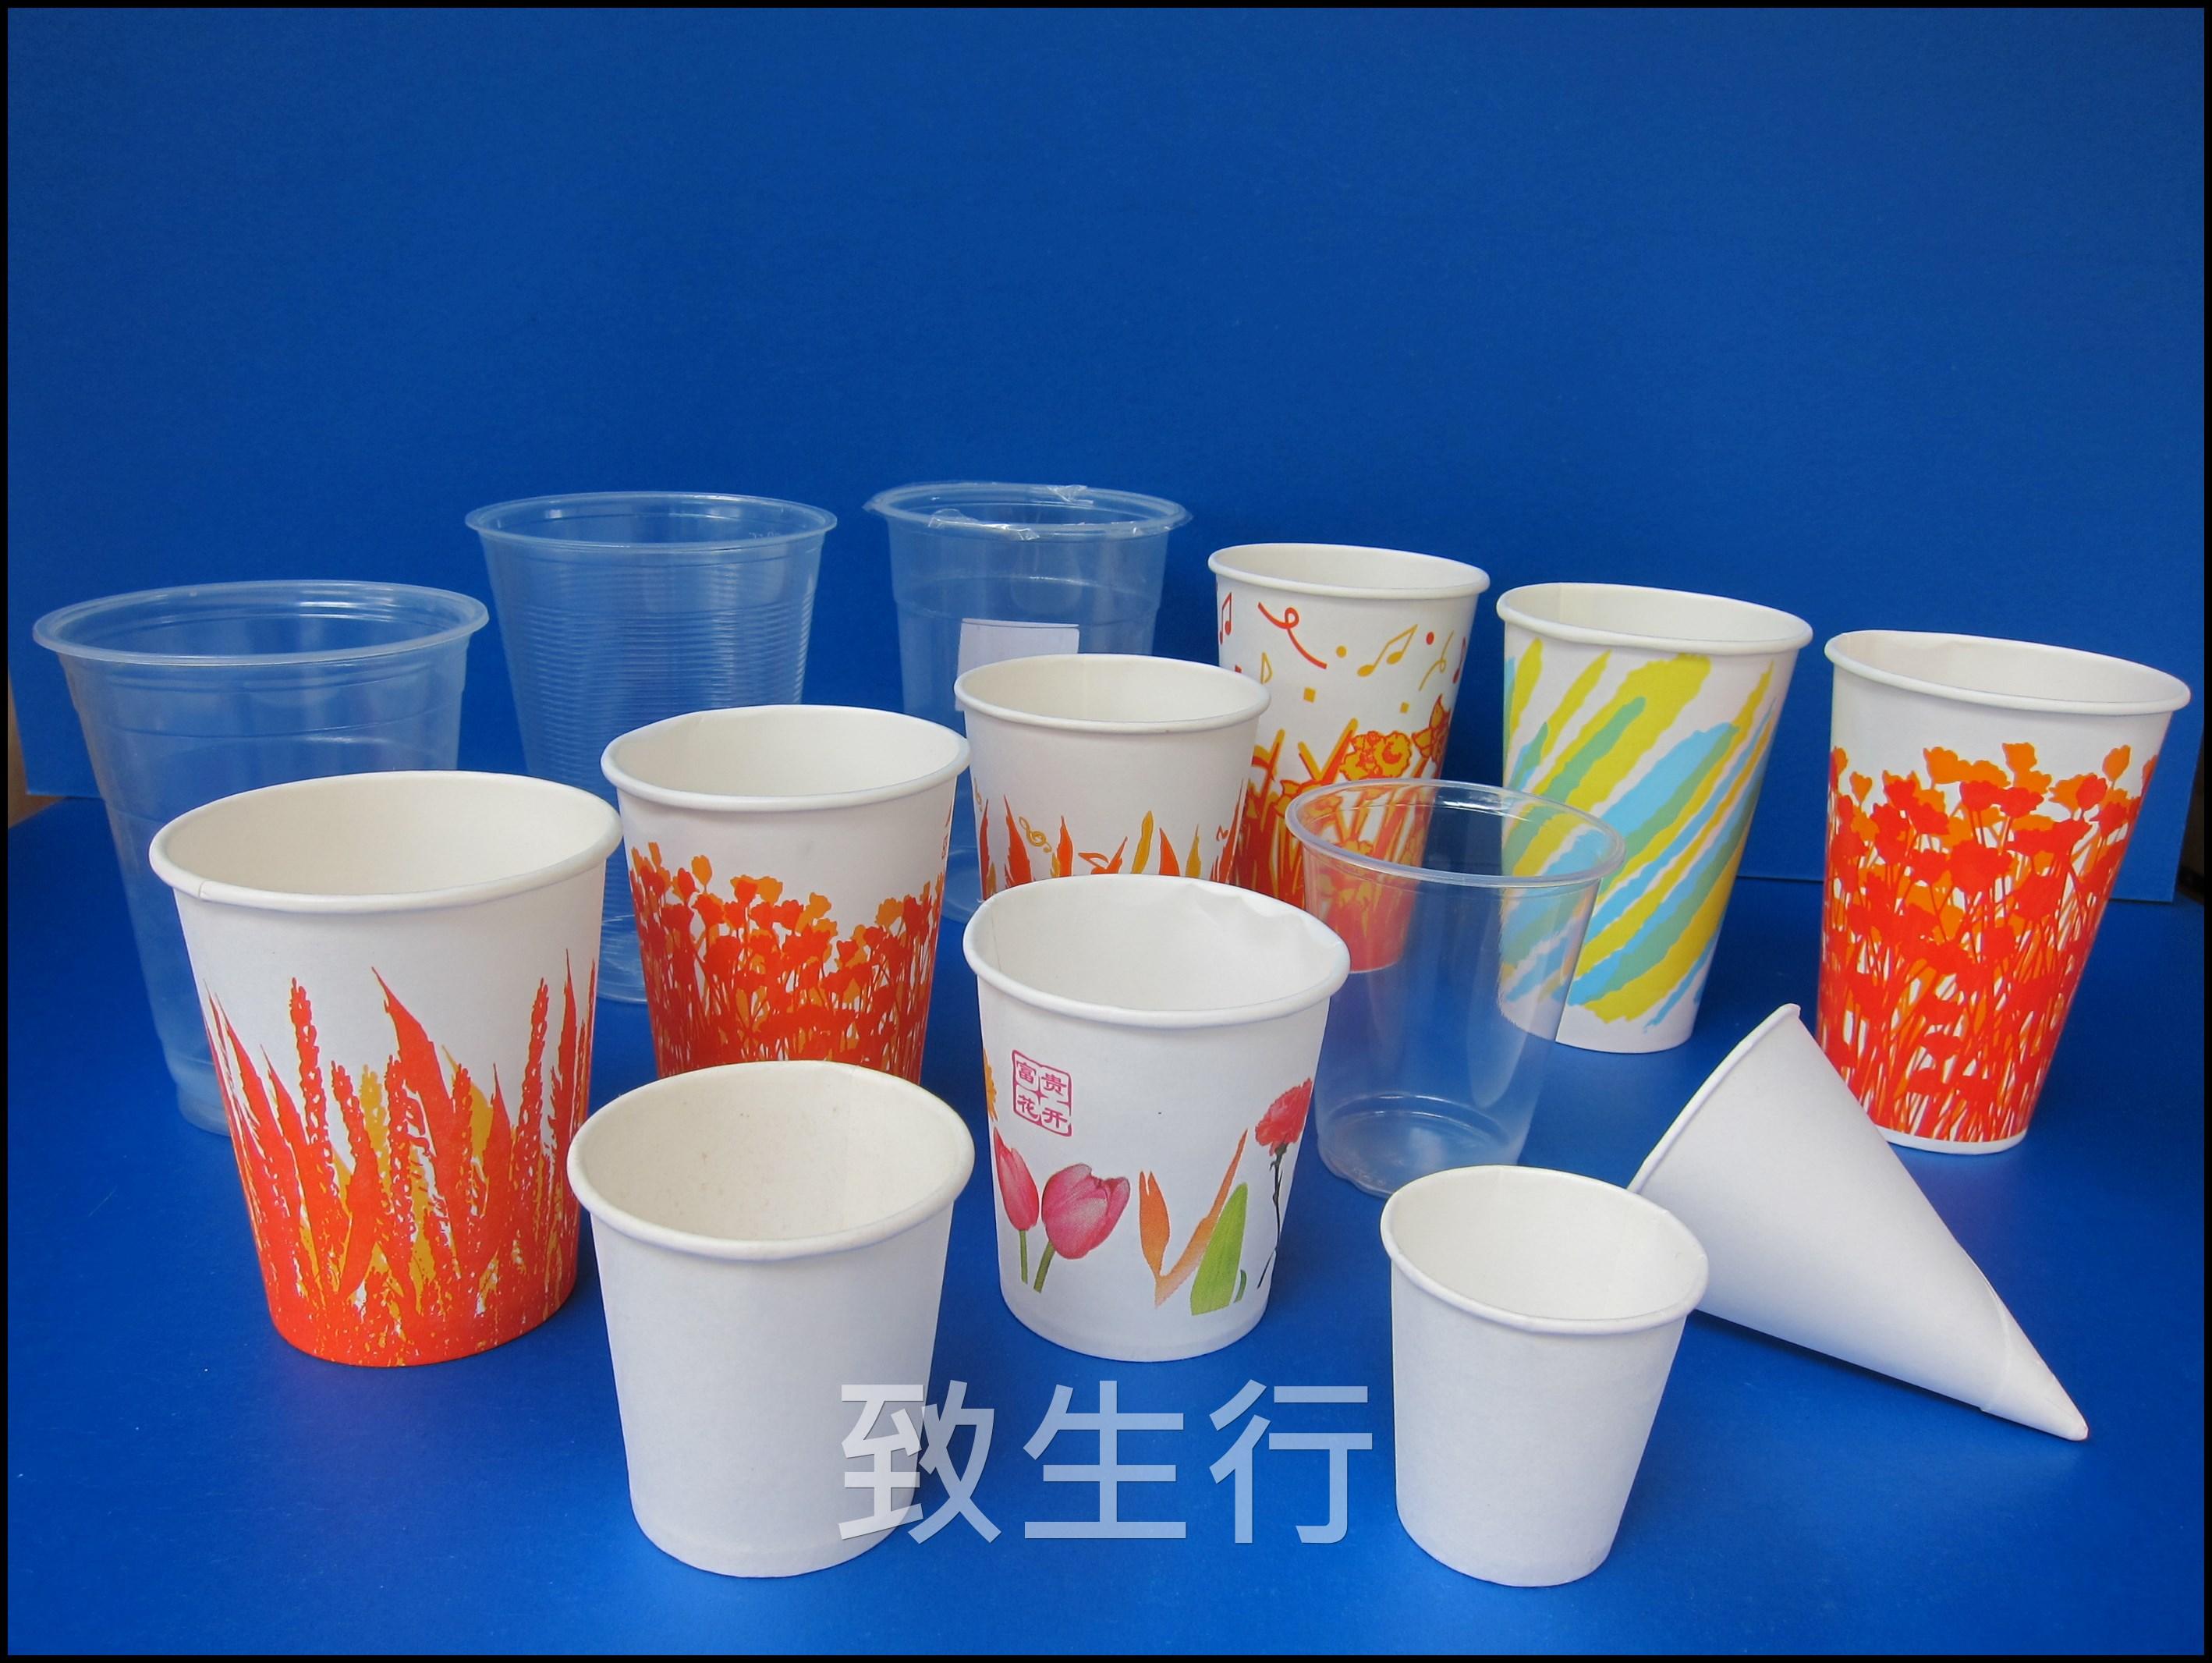 冷熱飲紙杯, 膠杯